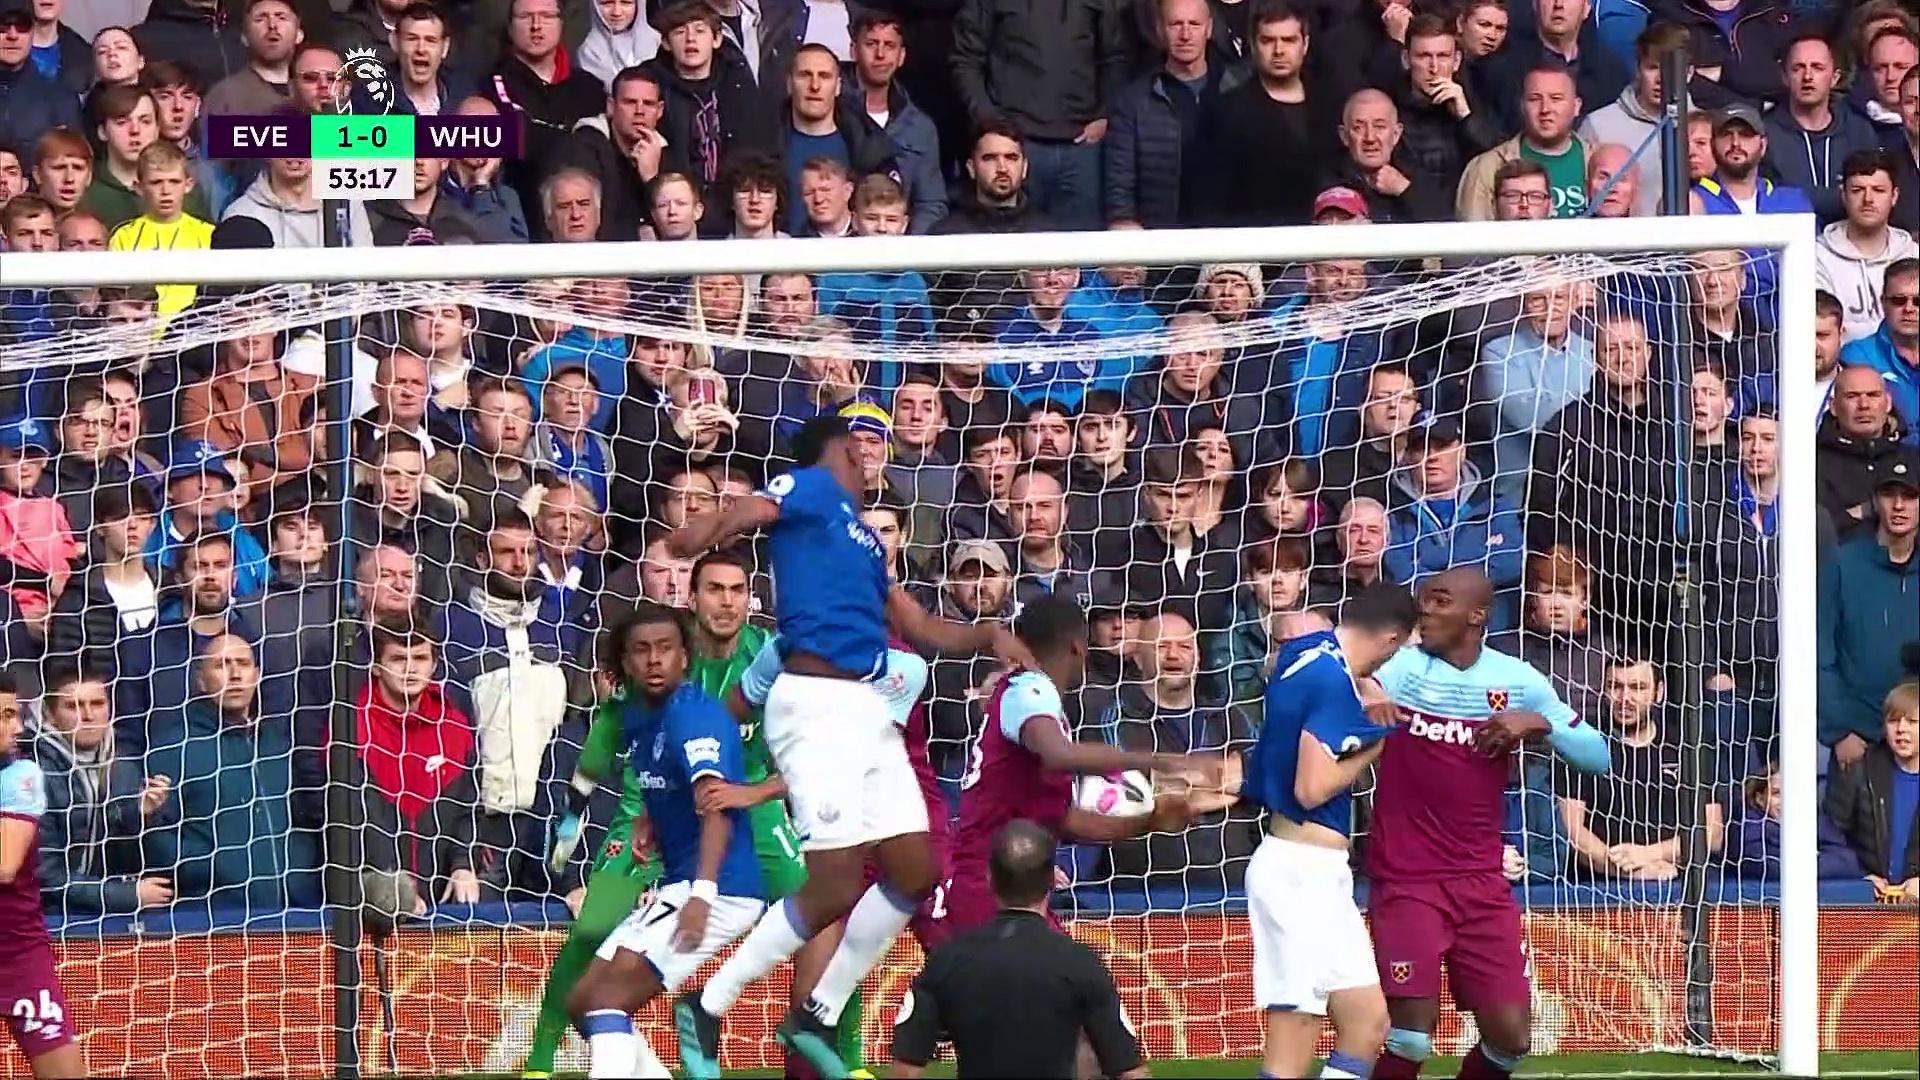 9. Hafta / Everton - West Ham: 2-0 (Özet)